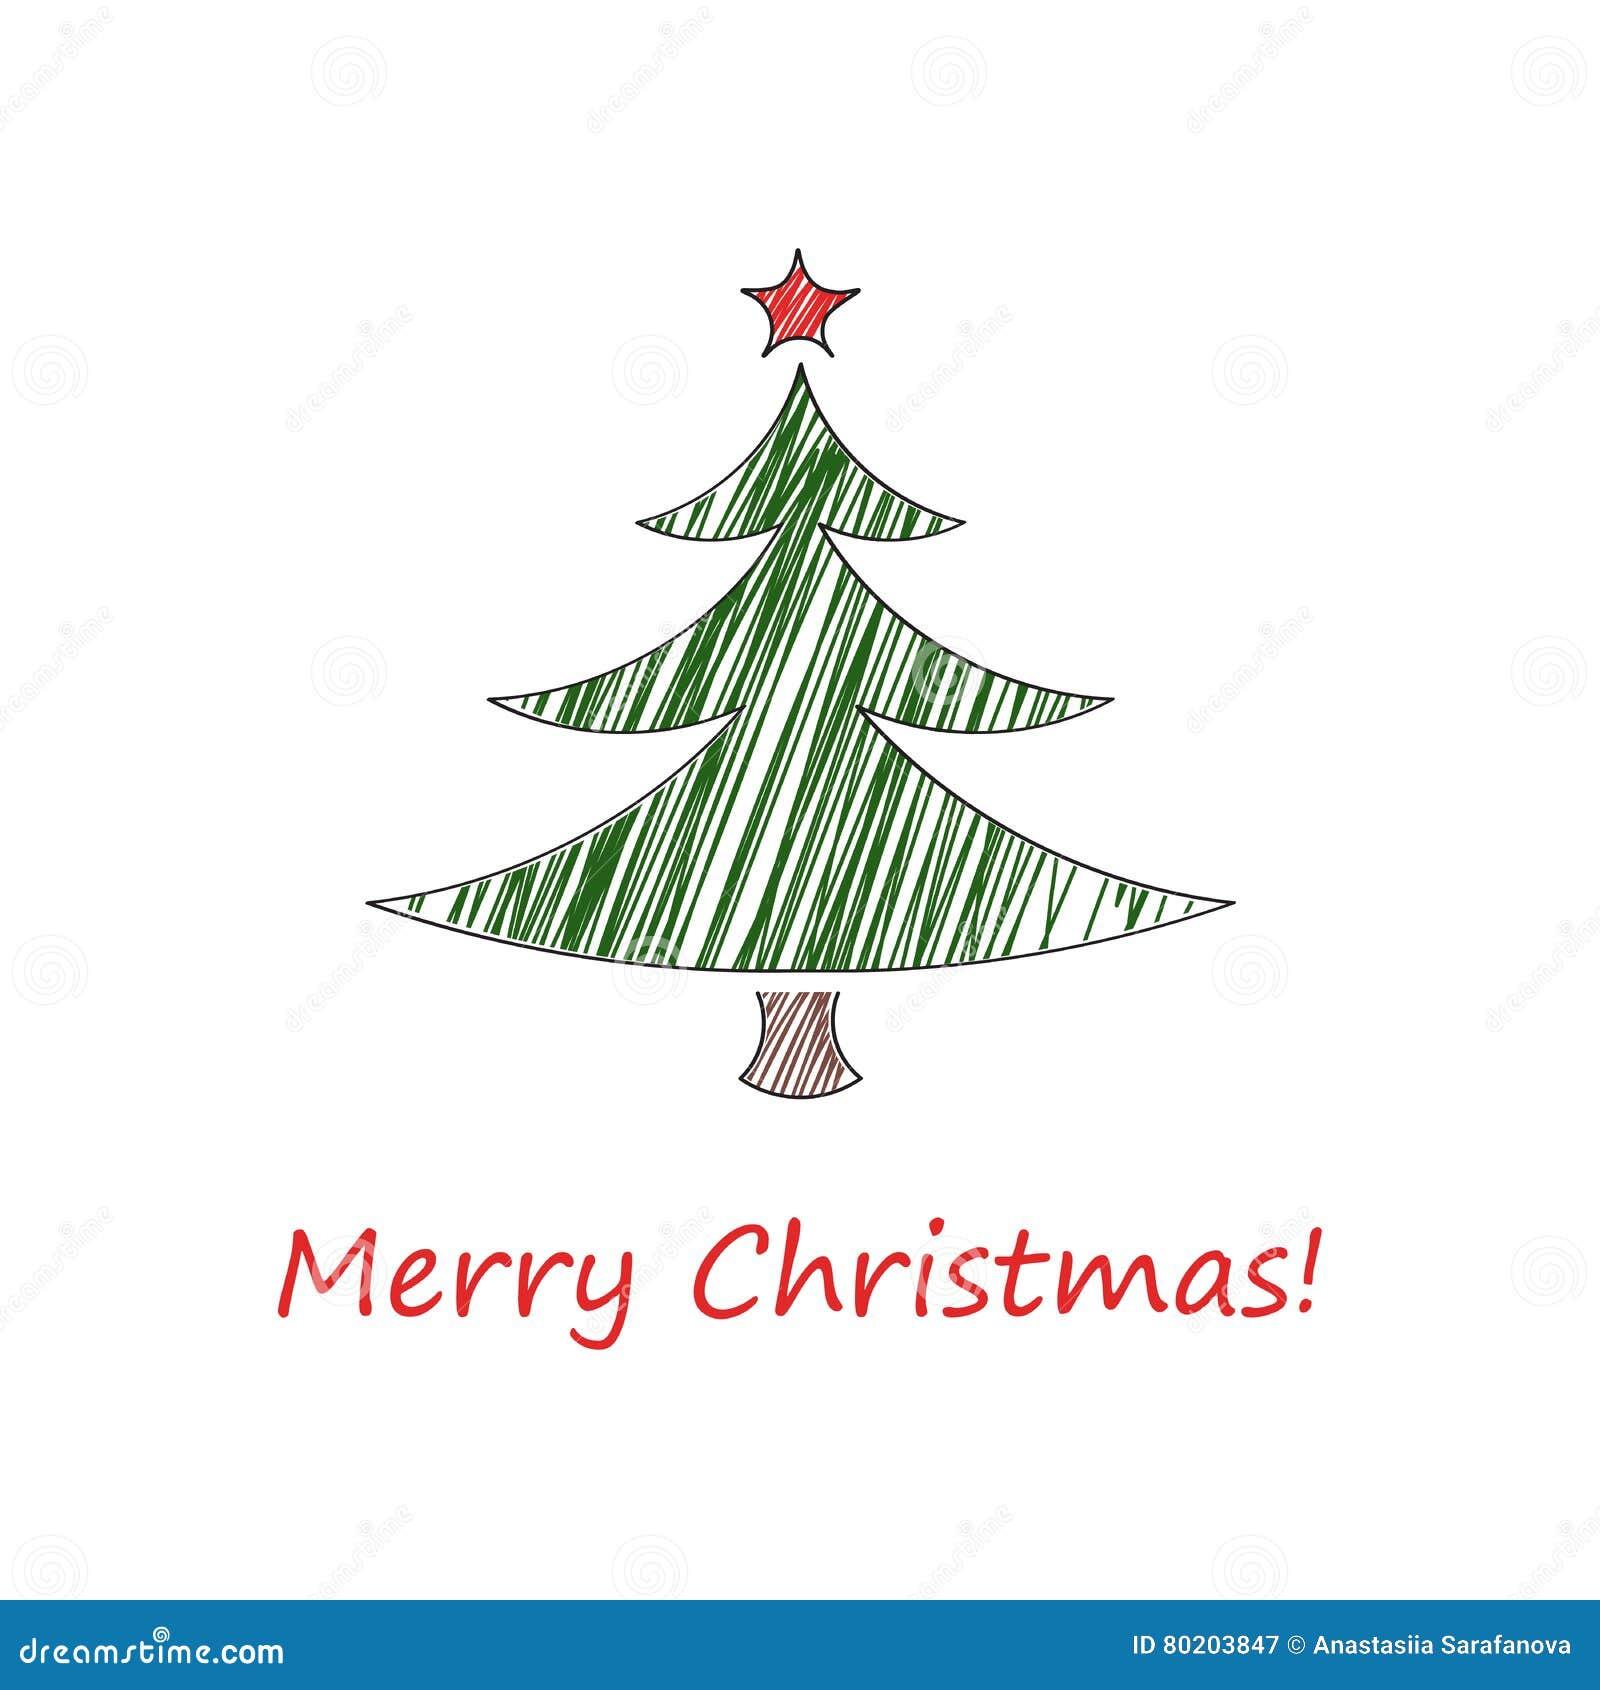 Tannenbaum Diagramm.Skizze Der Weihnachtskarte Tannenbaum Mit Einem Roten Stern Und Mit